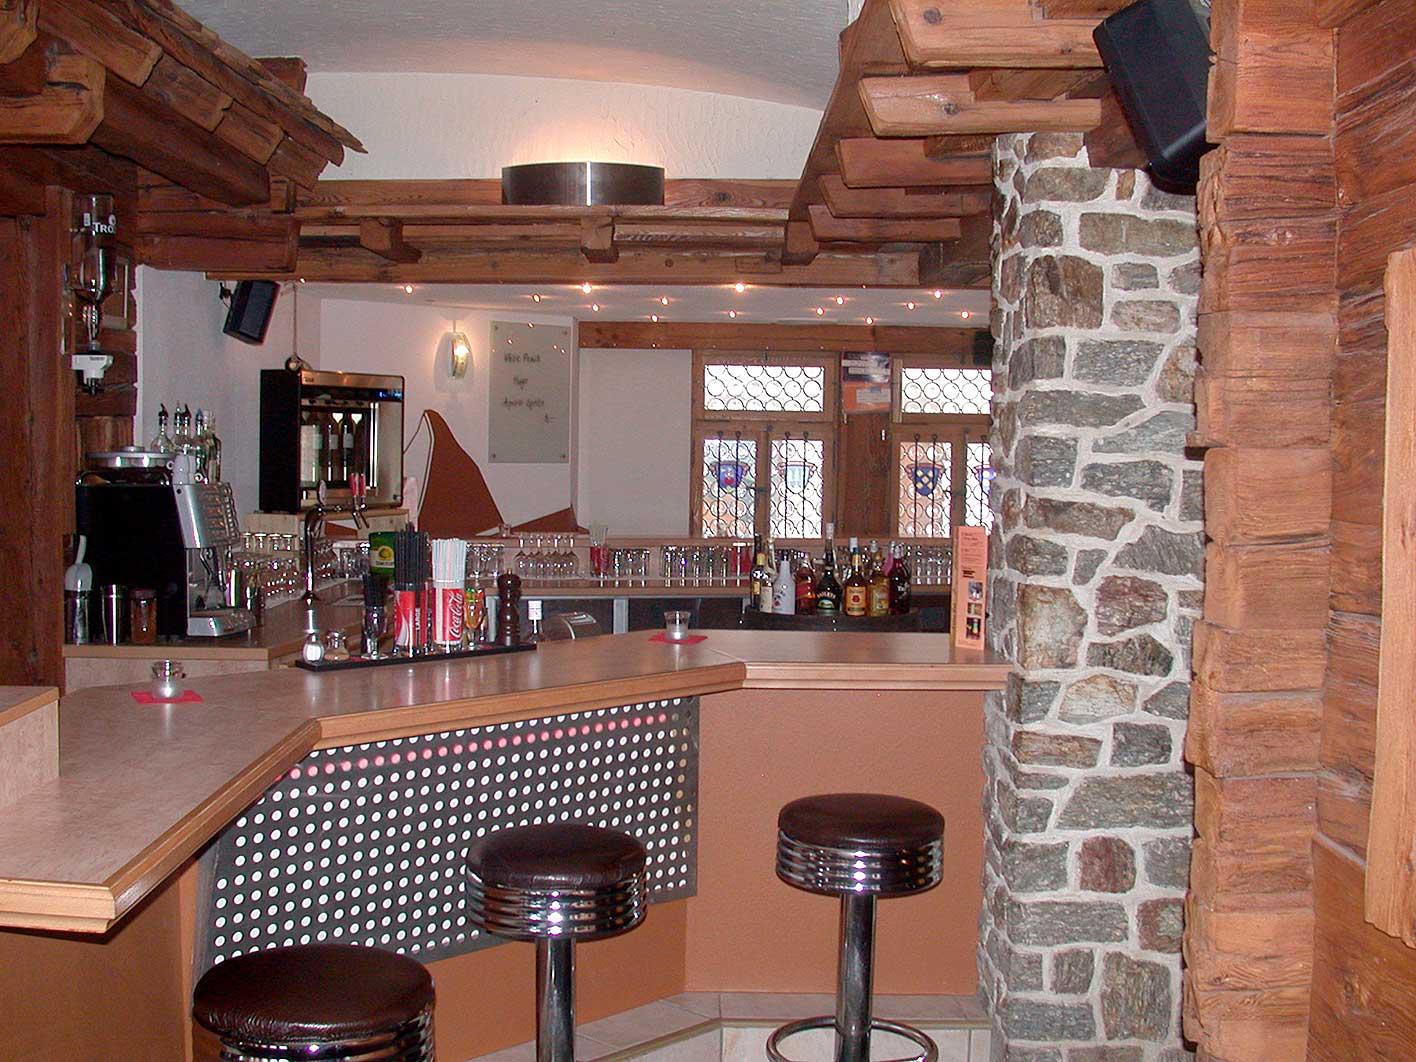 Tenne - Immobilien vom Handwerker Max Williner - Grächen, Zermatt ...